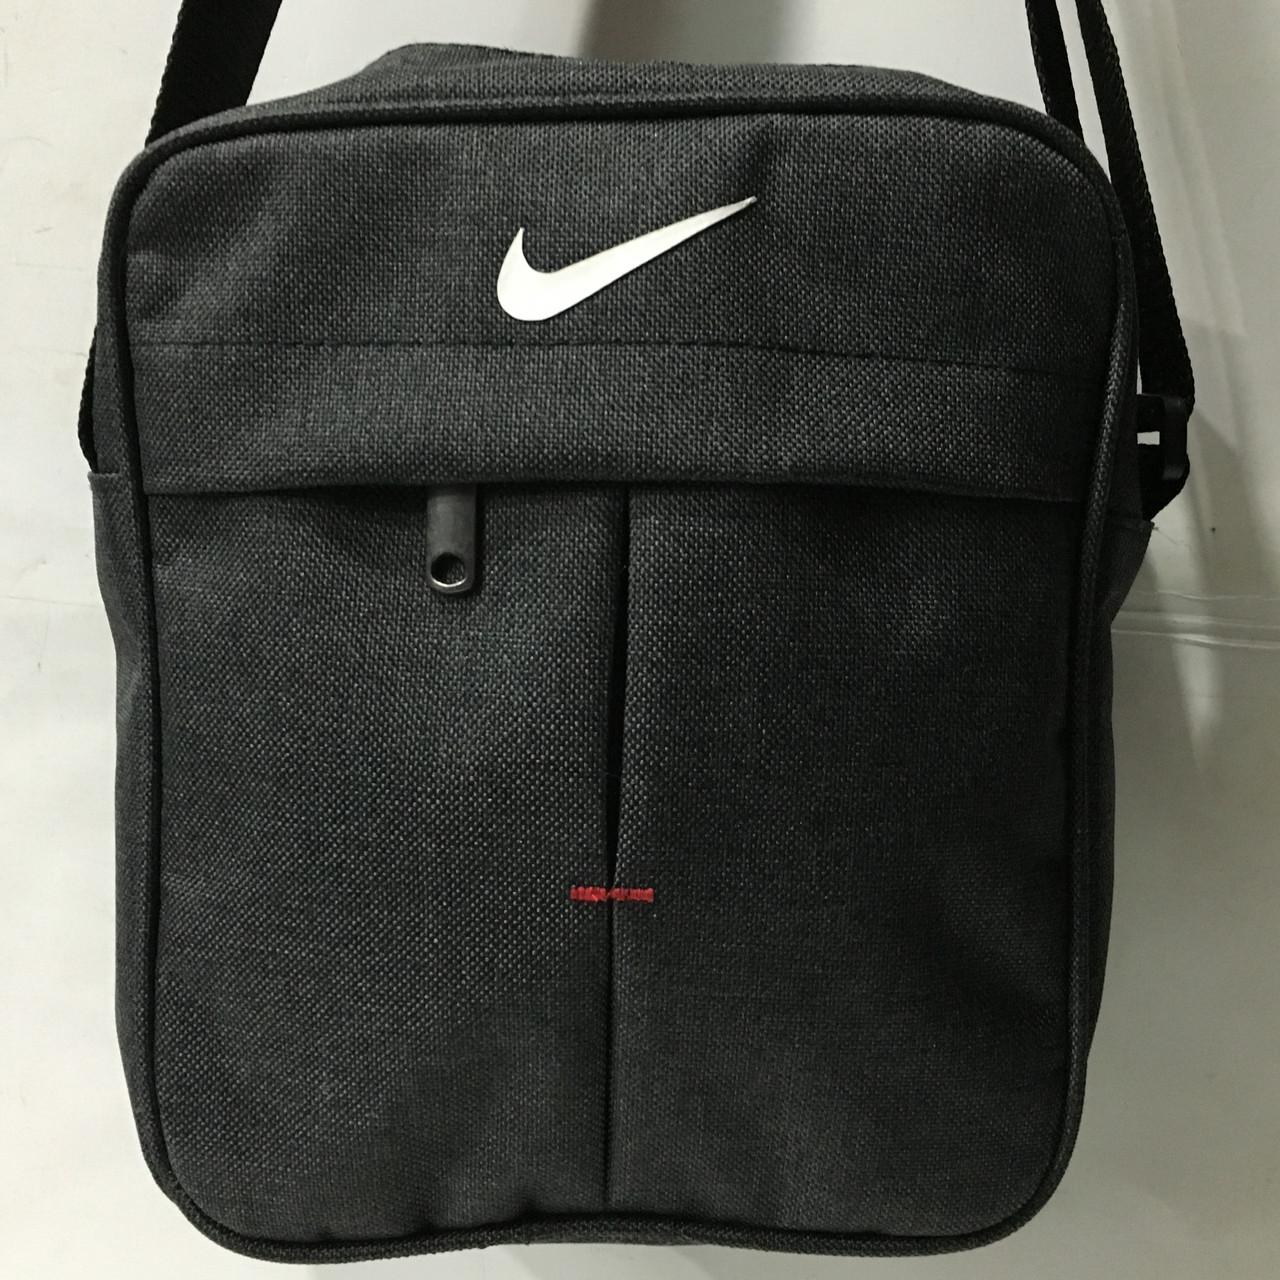 b91fd234c38b Высококачественная мужская сумка через плече. Удобная, практичная сумка. Мужская  сумка Nike (7